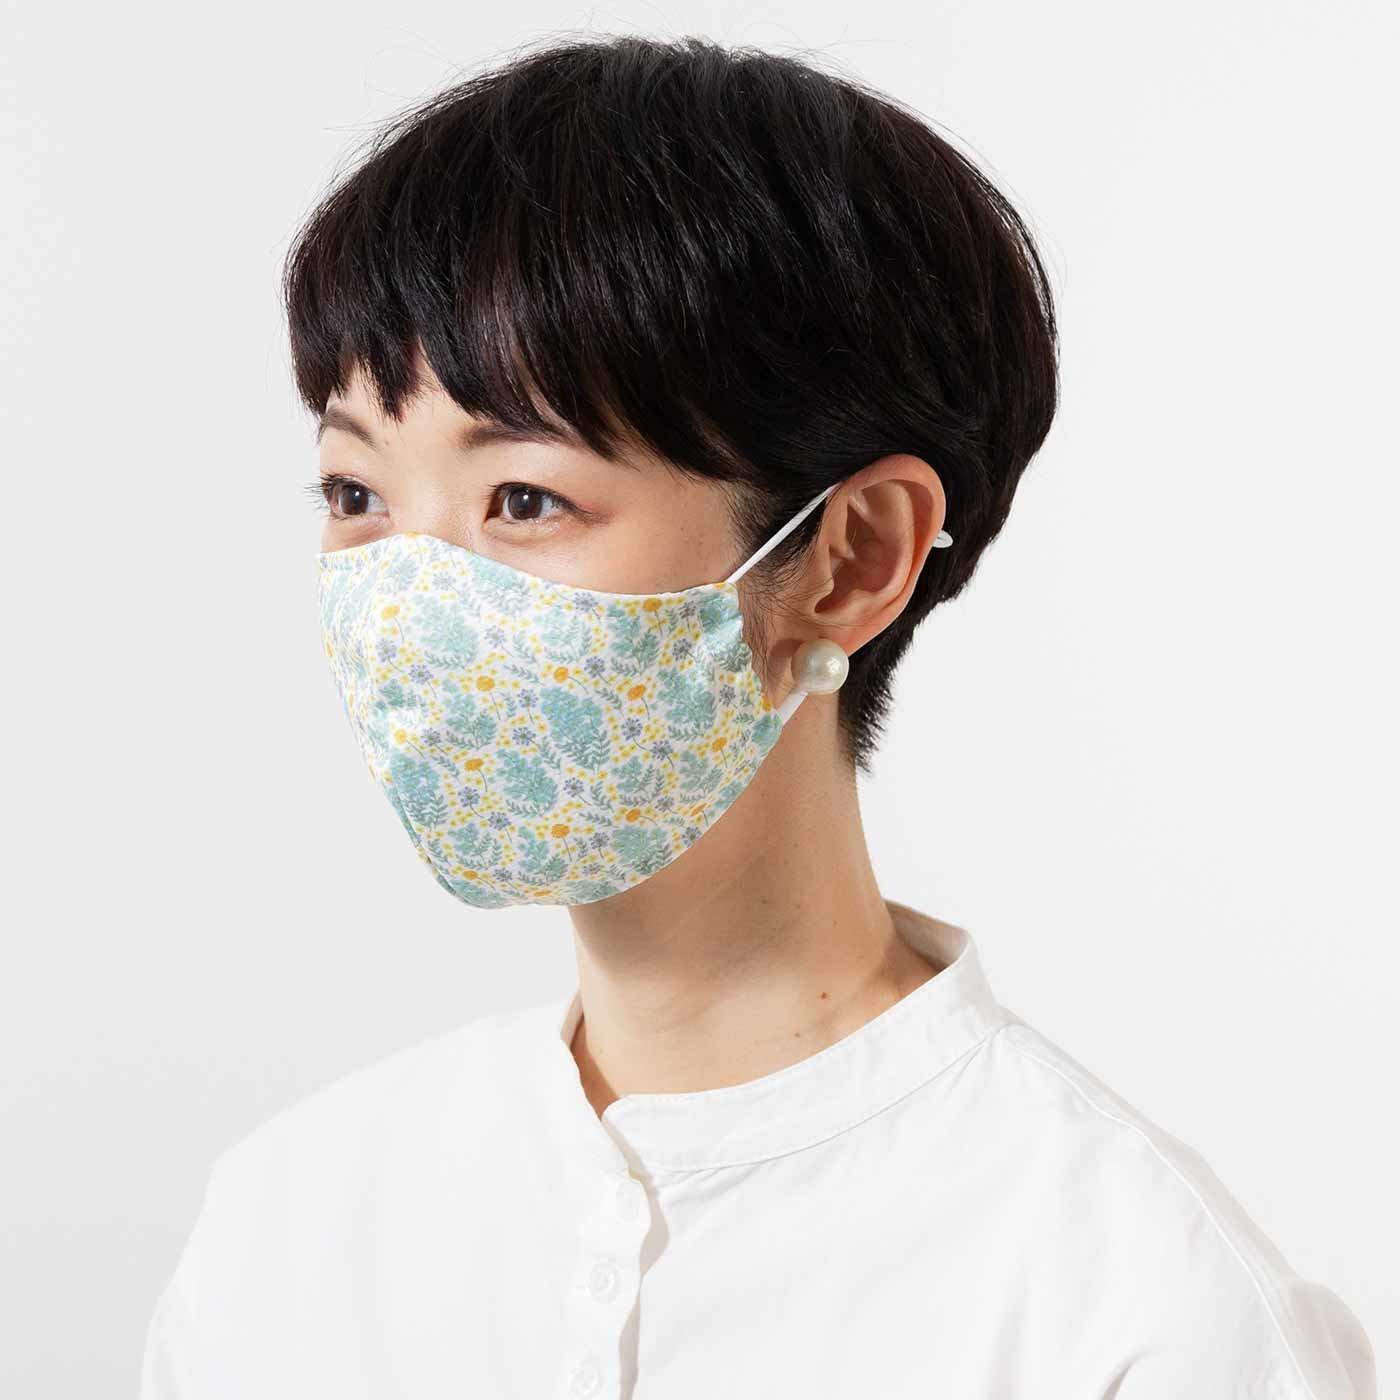 ぬらして振ってクールダウン 抗菌防臭ひんやりメッシュマスクセット〈花柄〉の会